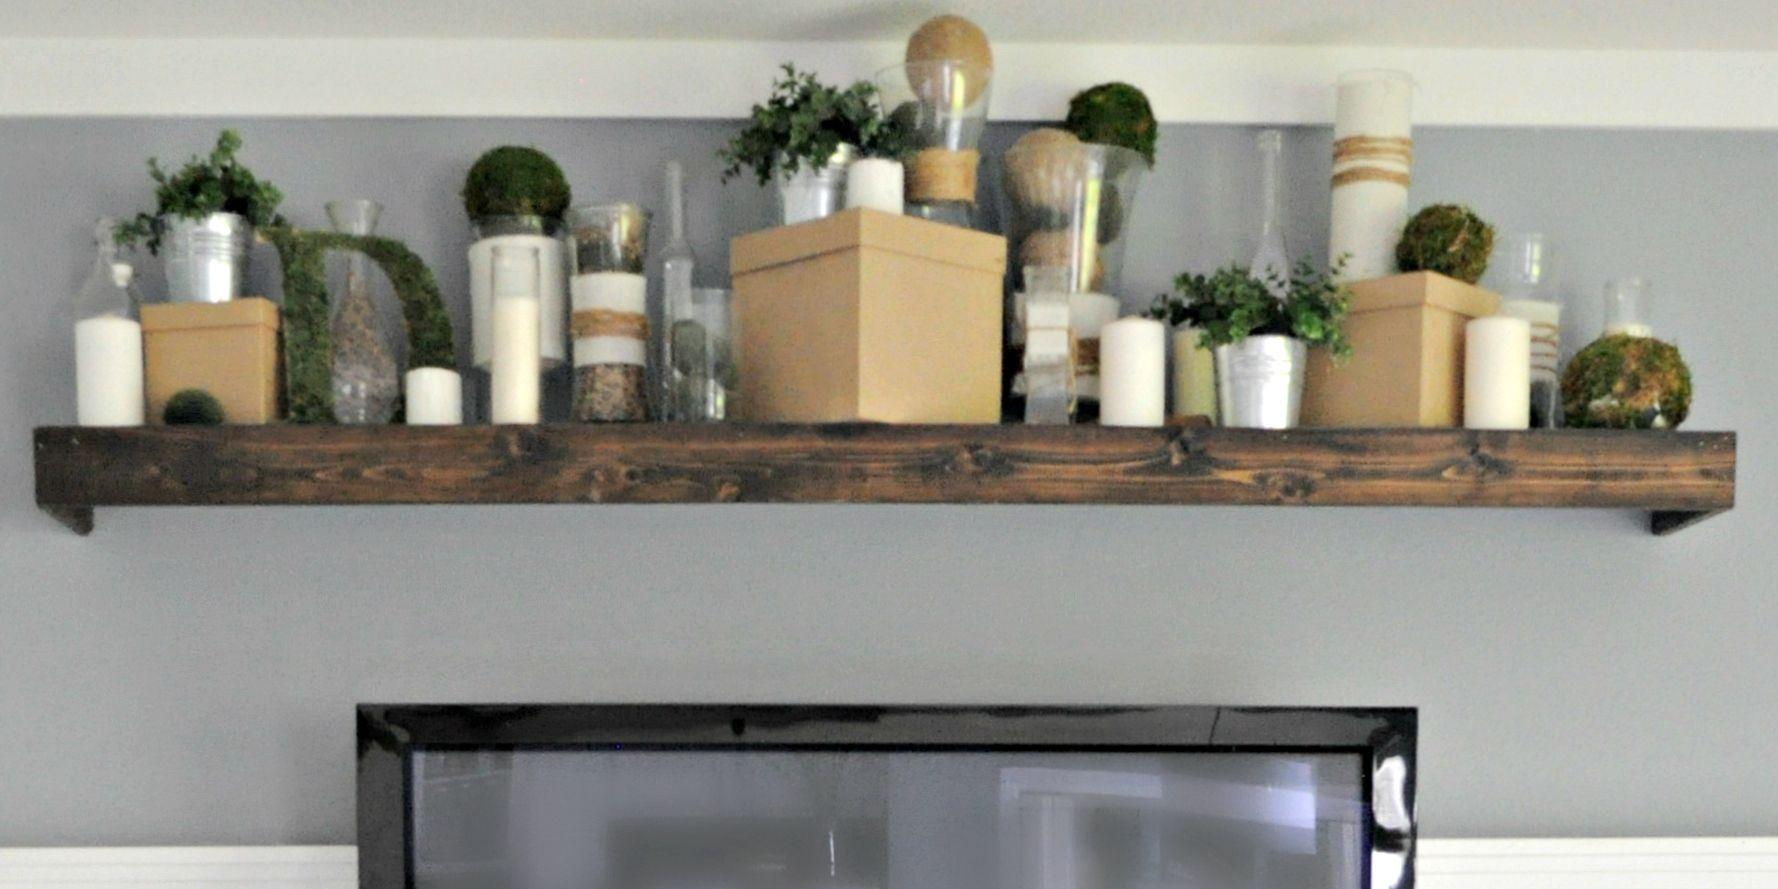 Turn an ikea shelf into a pottery barn ledge pottery barn style